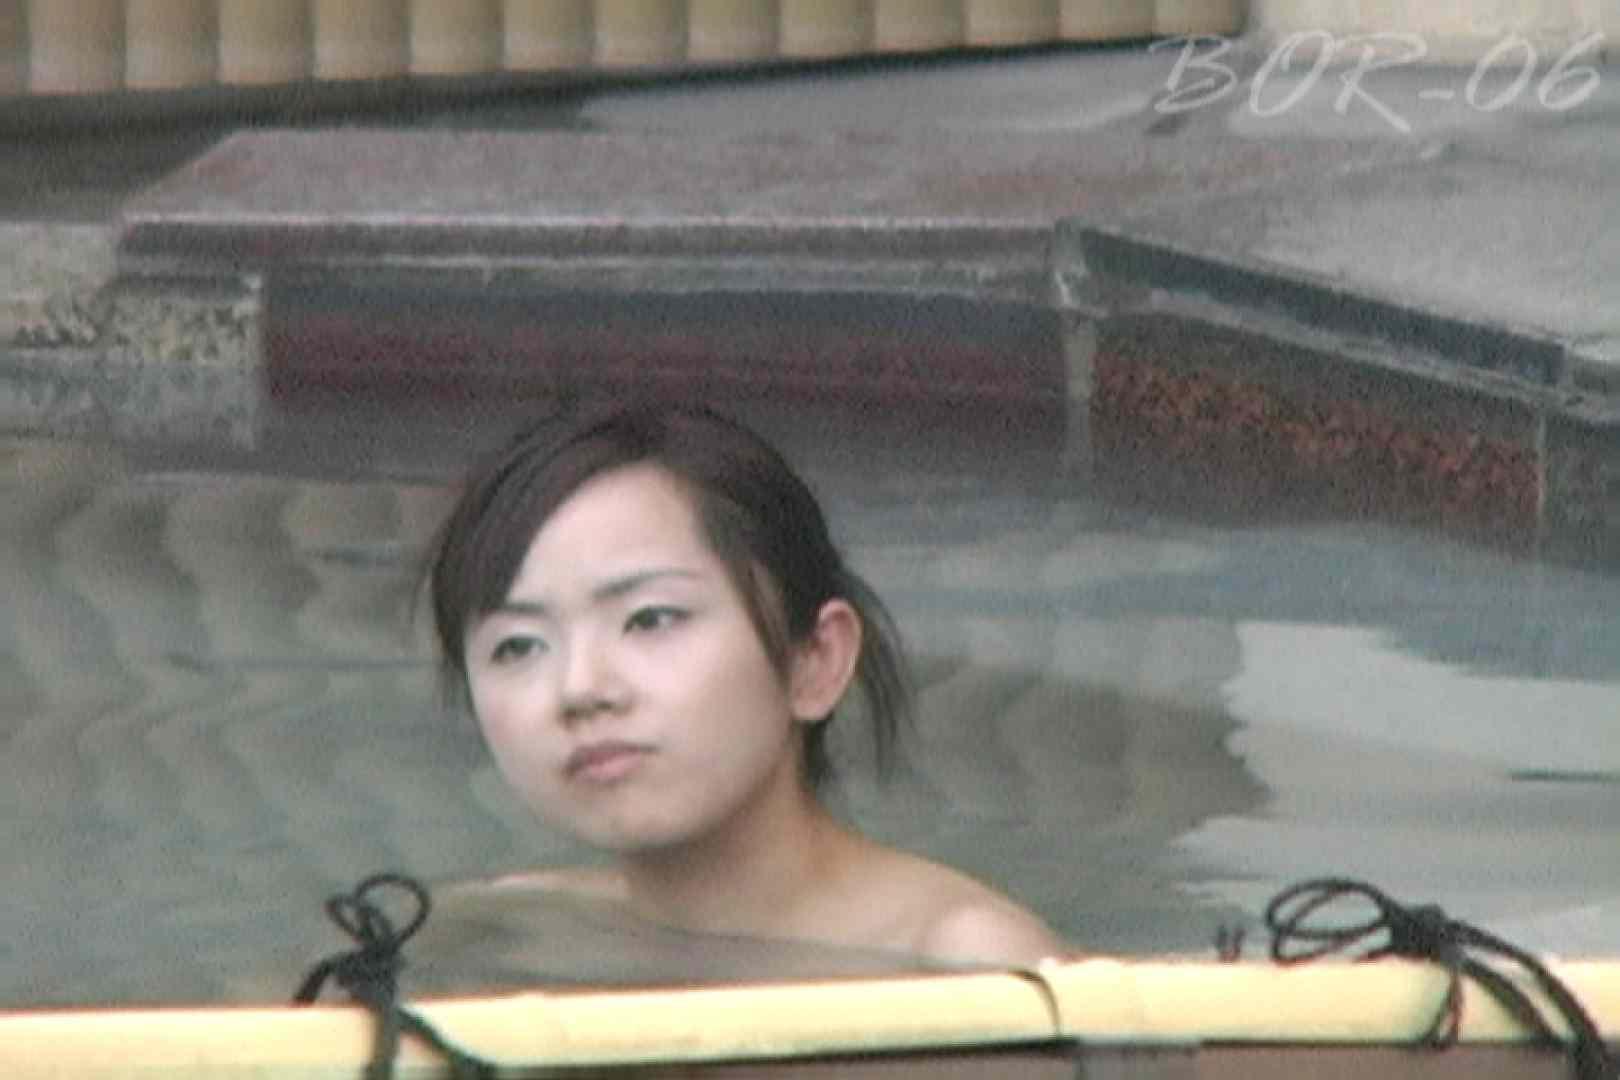 Aquaな露天風呂Vol.521 OLハメ撮り  71Pix 27